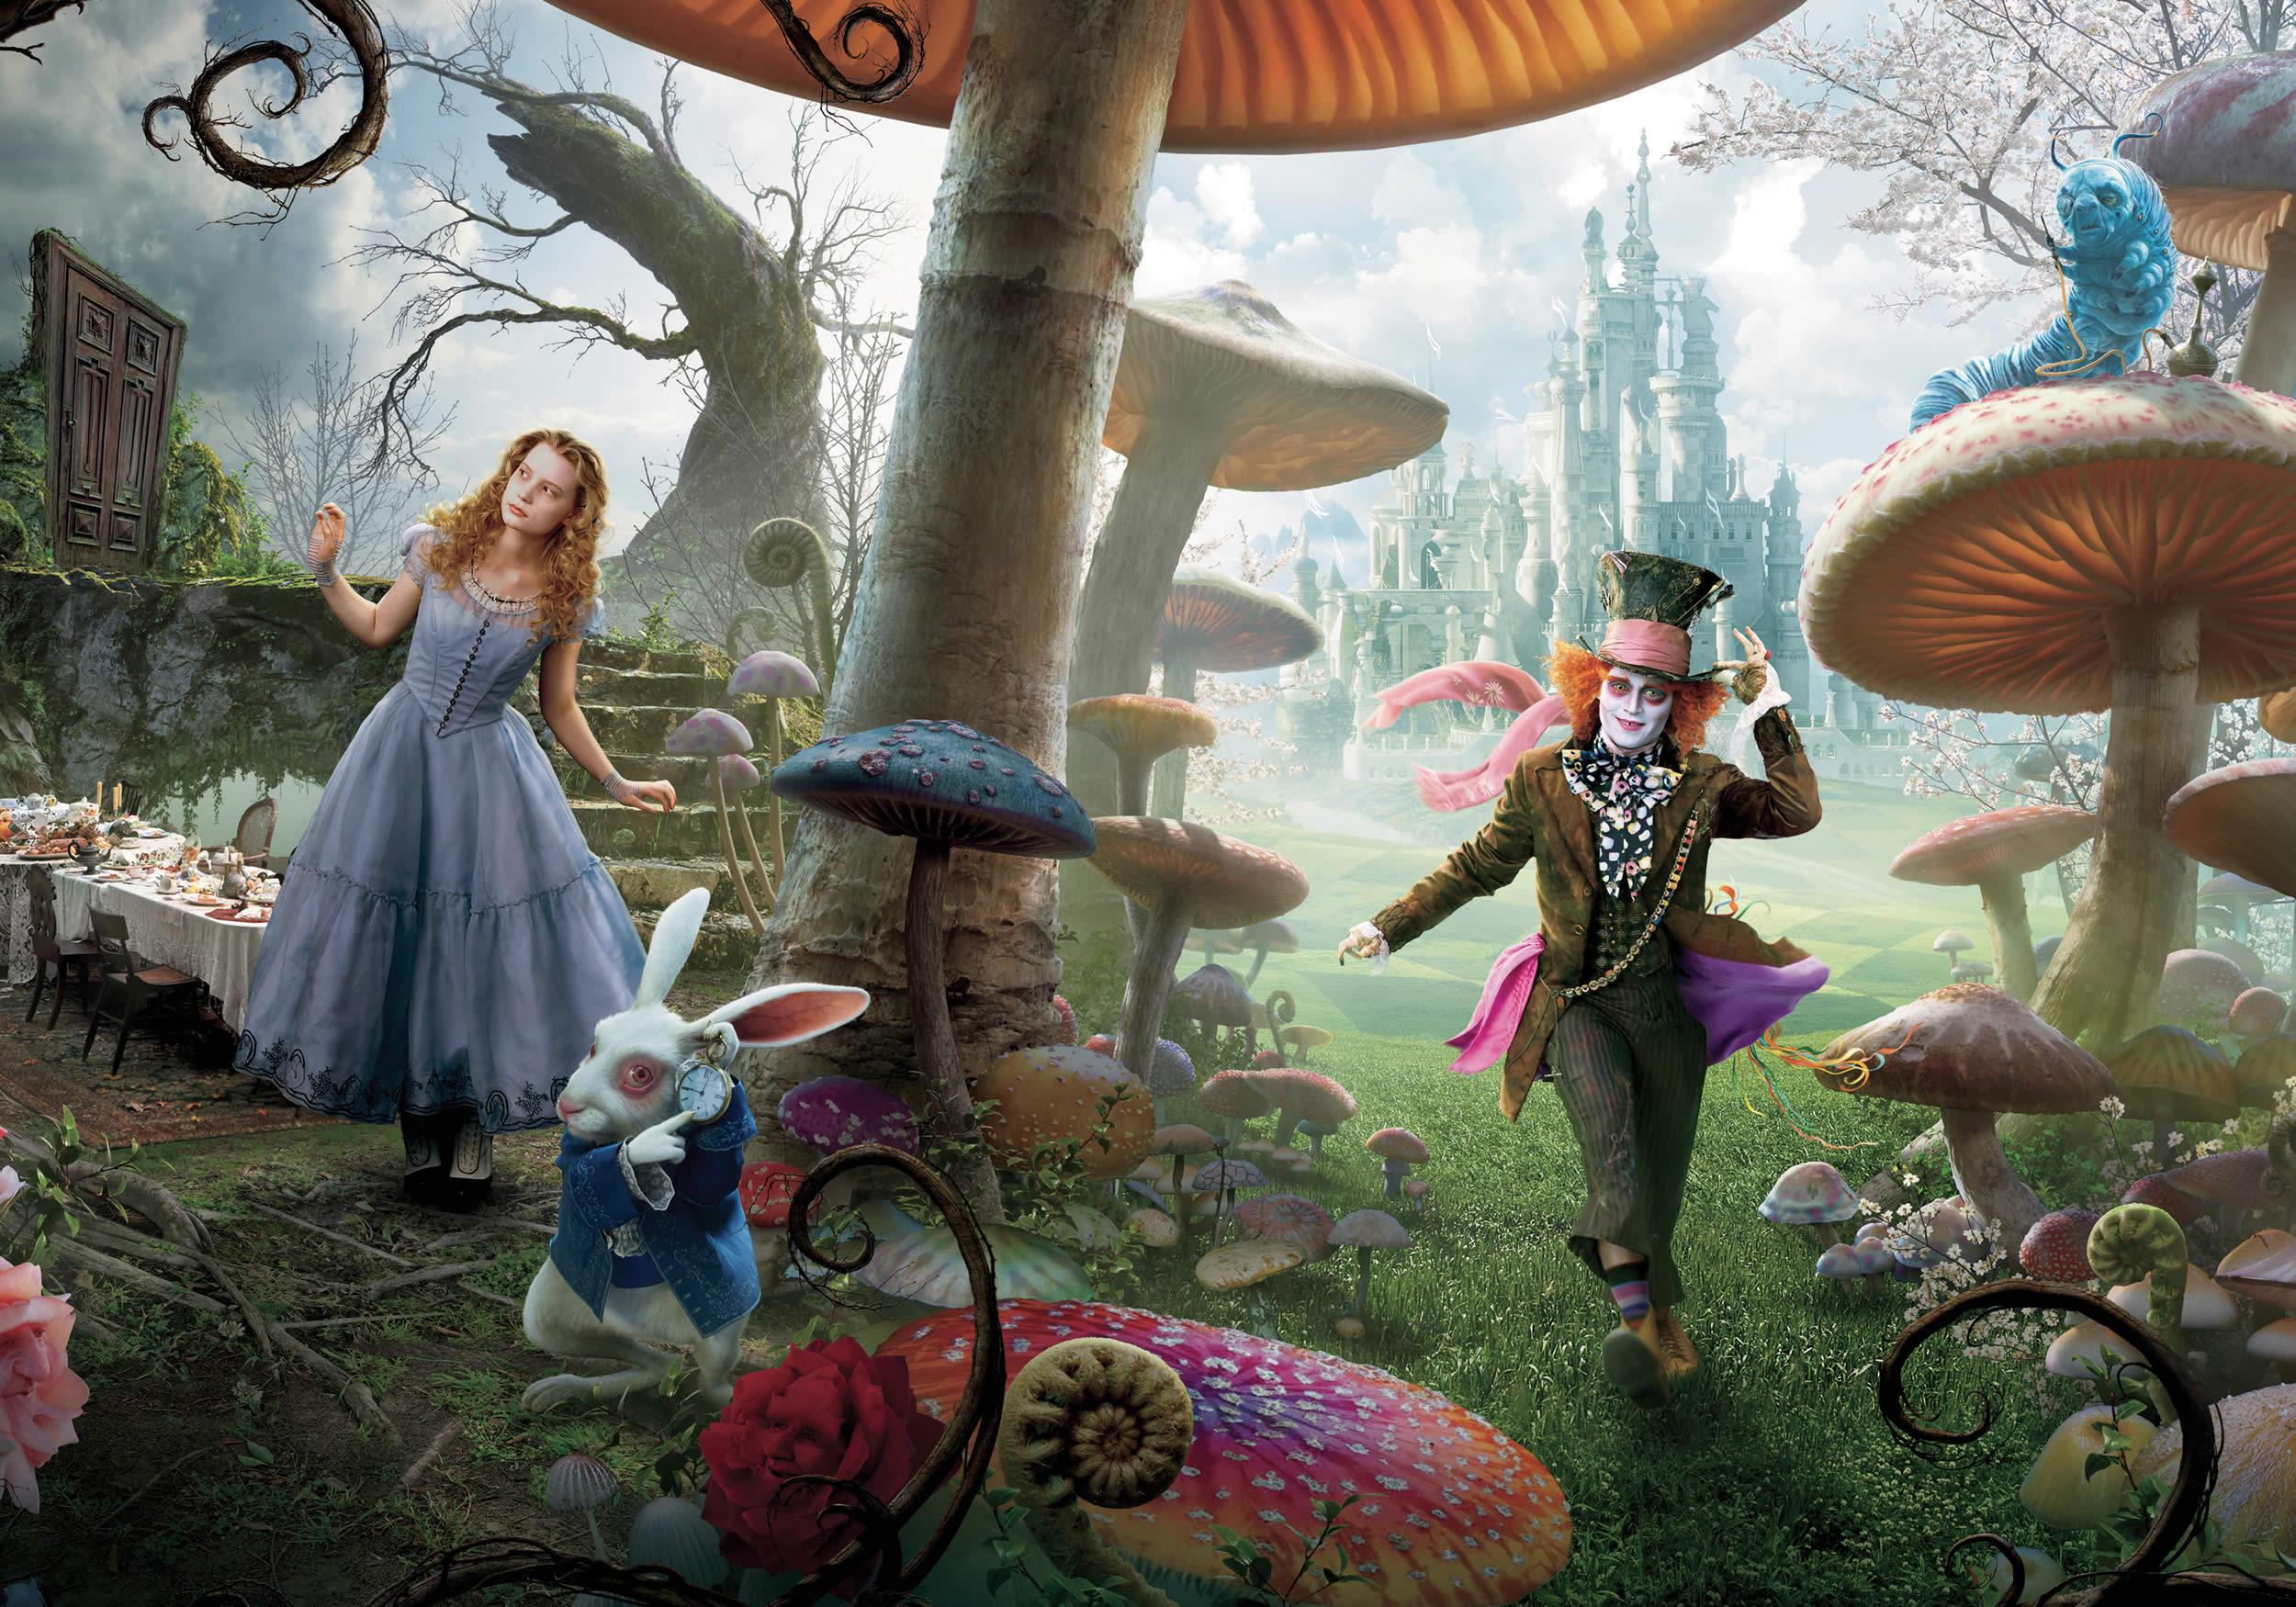 download wallpaper: Alice in Wonderland – Alice, de Mad Hatter en het konijn wallpaper